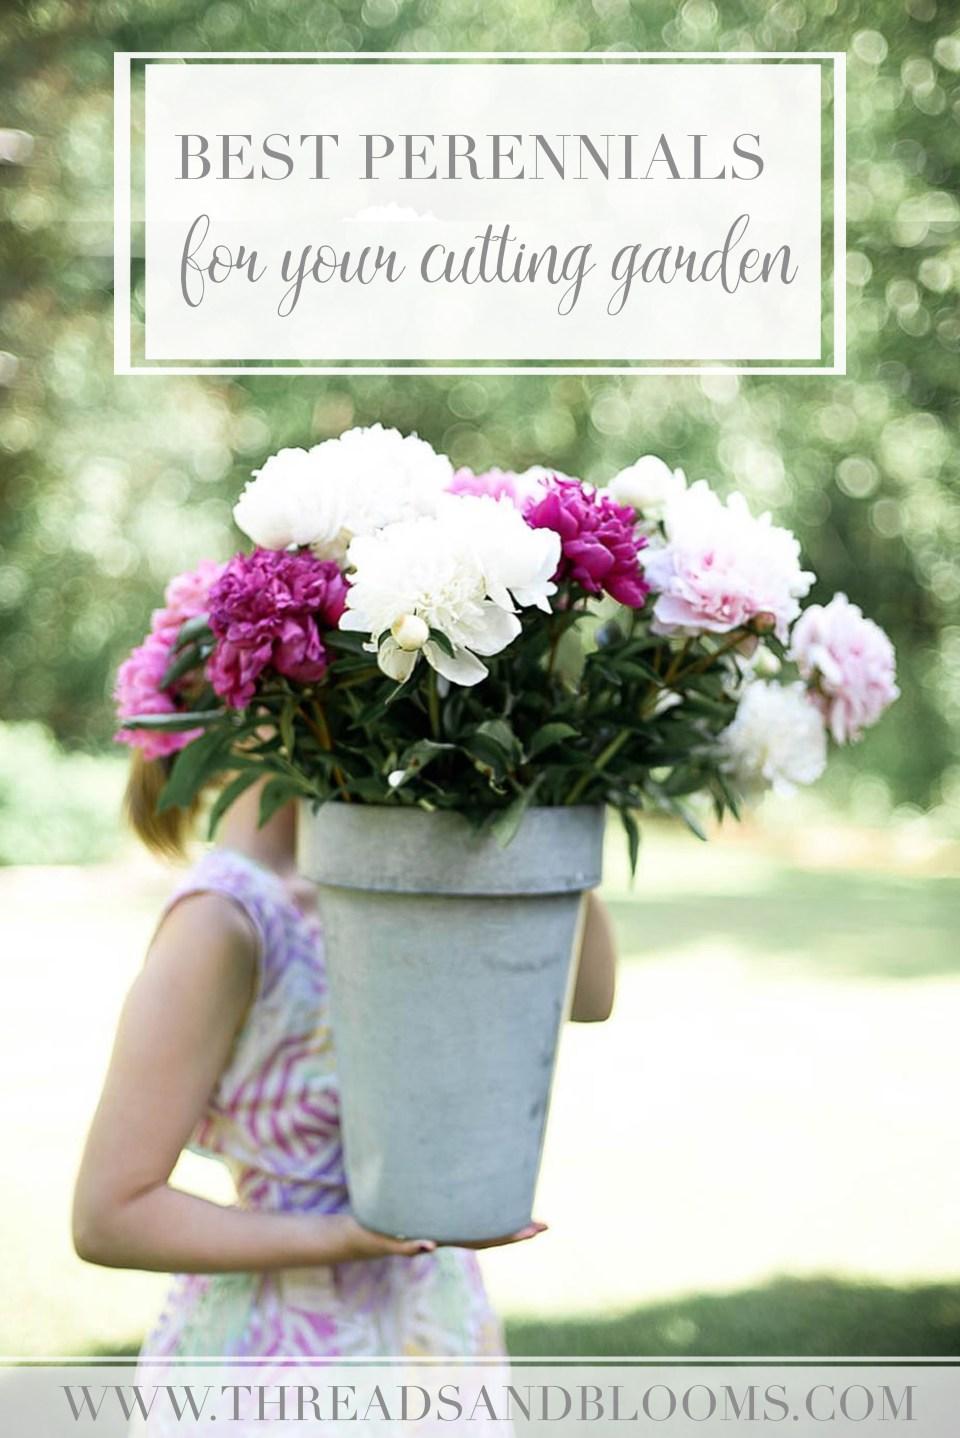 Perennials for your Cutting Garden